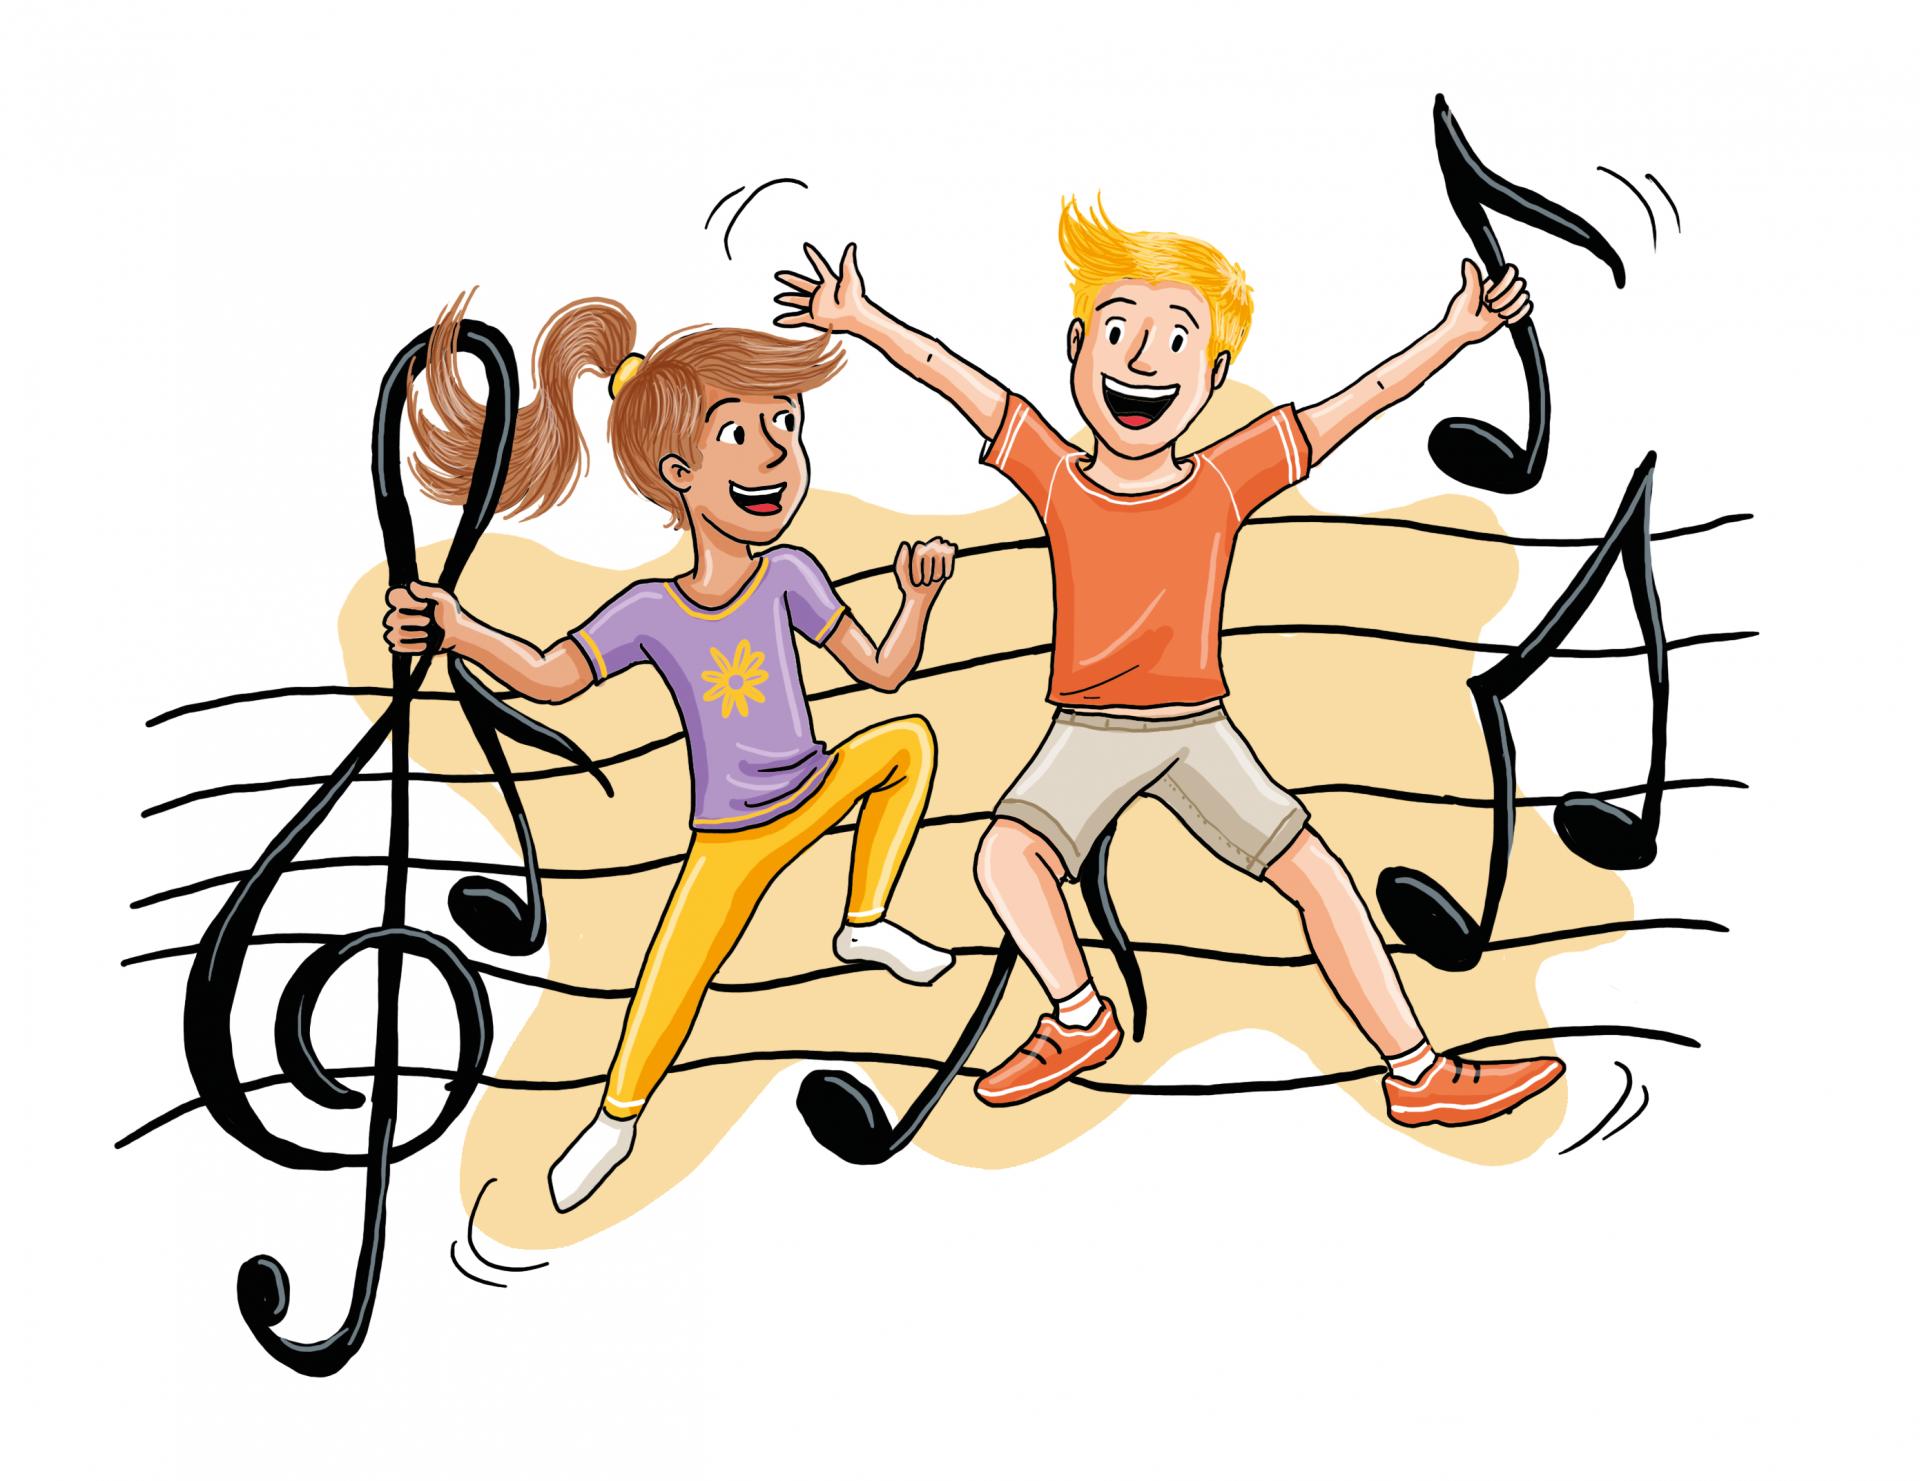 Dessin: deux enfants dansent; en arrière-fond se trouve une gamme avec des notes de musique.